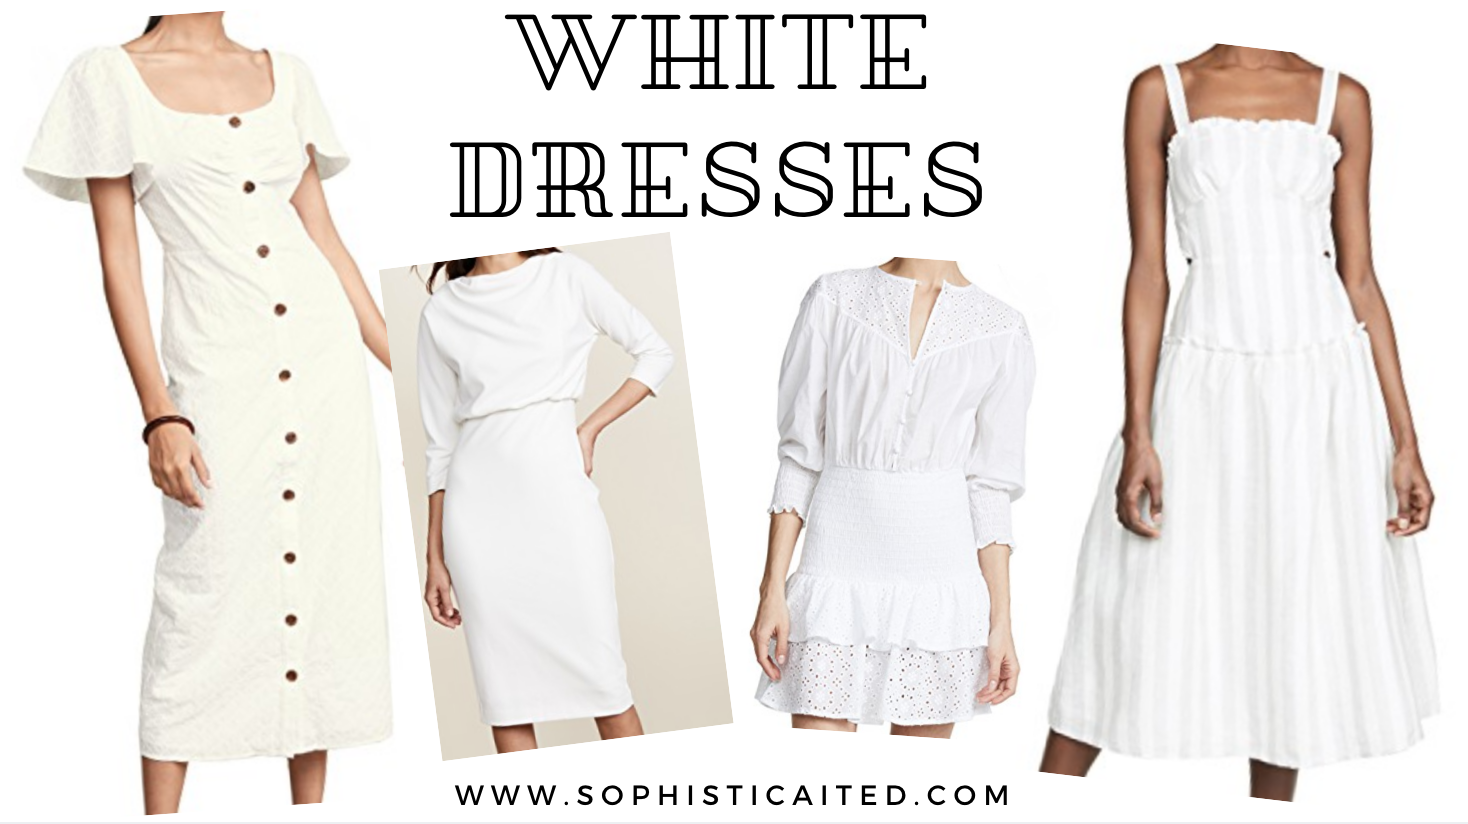 White Spring Dresses | Sophisticaited | Cait Fore